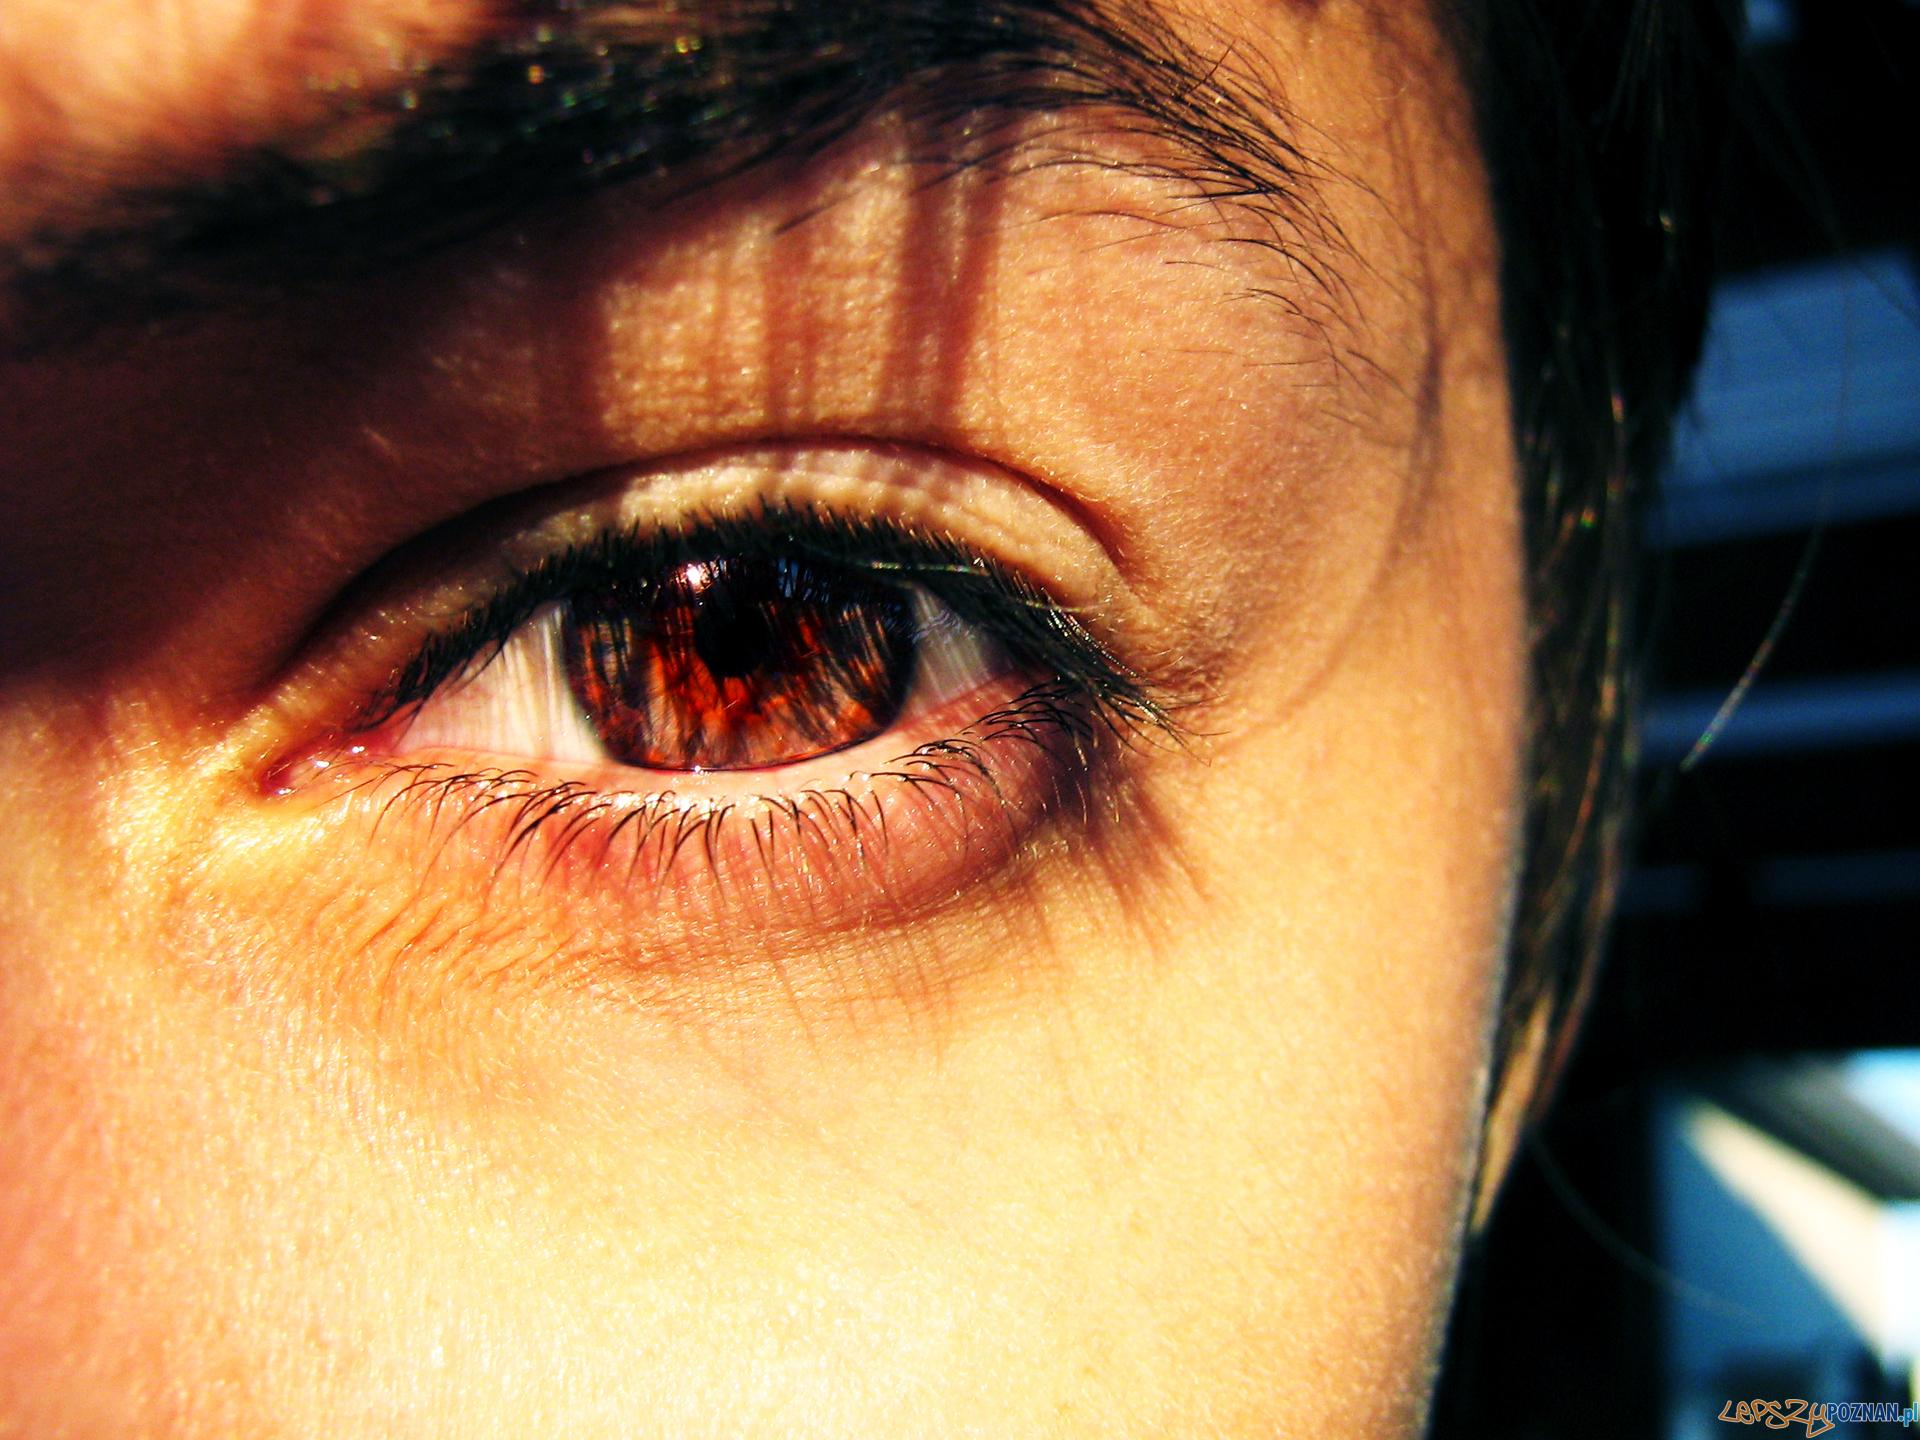 Oko  Foto: Thomas de Florie - freeimages.com/photographer/Gomez_f-57767